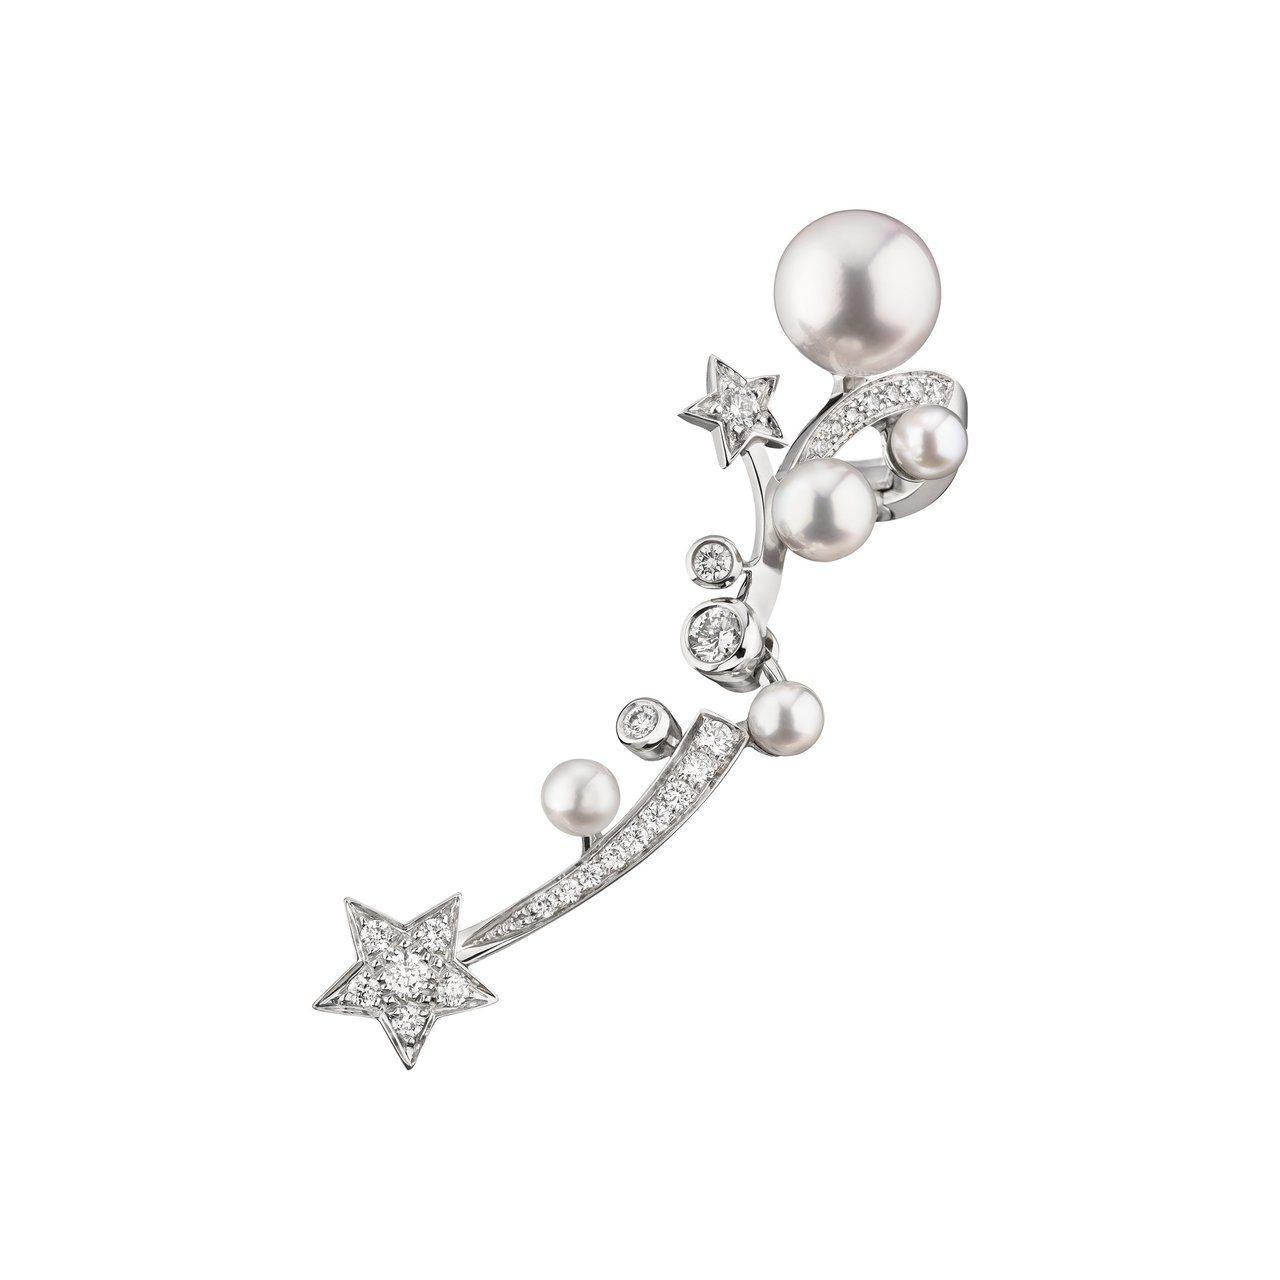 香奈兒Comète流星單邊耳釦,18K白金鑲嵌26顆鑽石共約0.31克拉與5顆日...